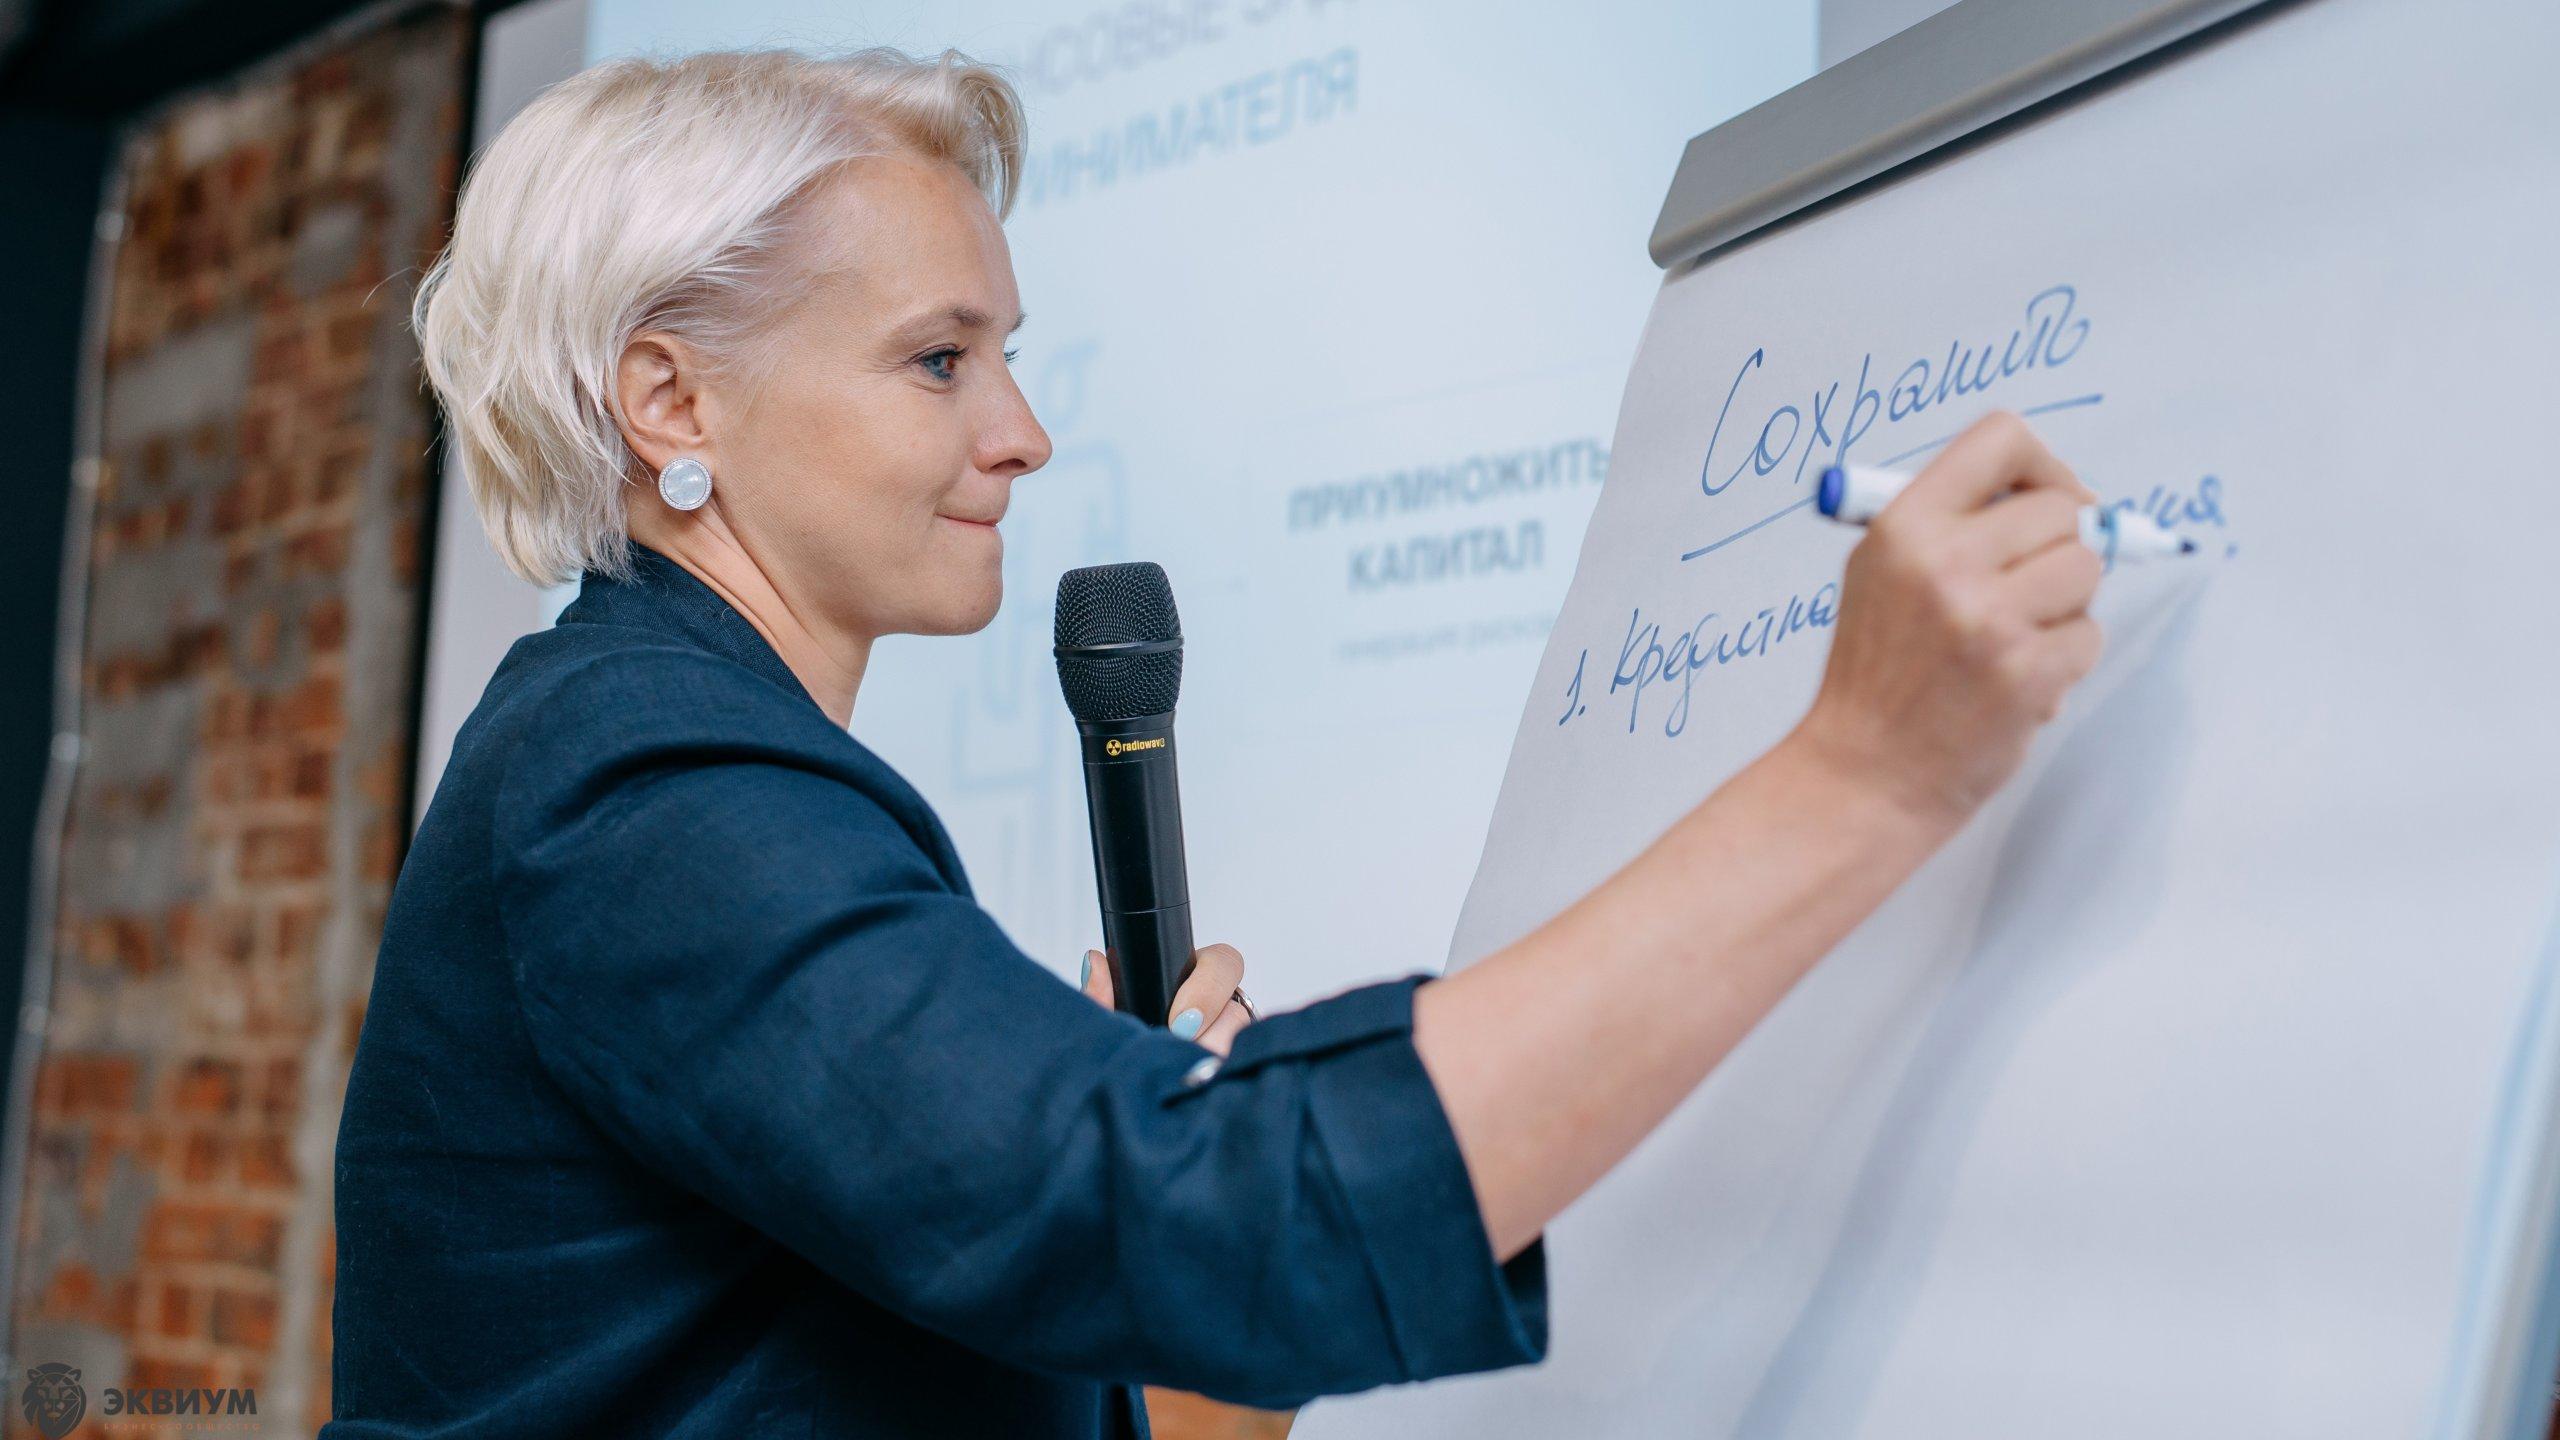 Деньги в бизнесе: приумножить и сохранить. 27 мая в Москве